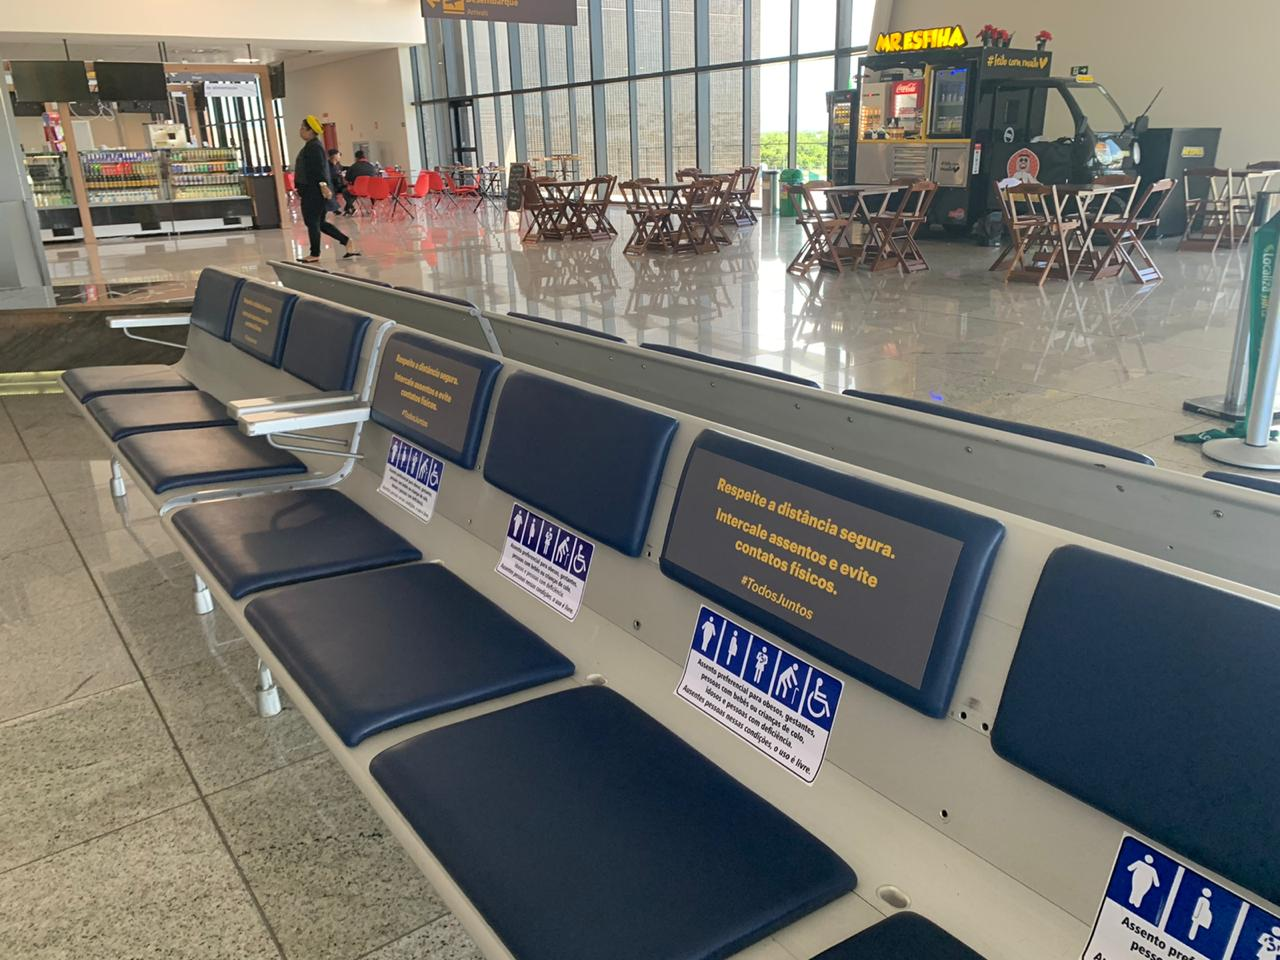 Os assentos receberam marcadores que indicam uma distância segura para os passageiros. Foto: Divulgação